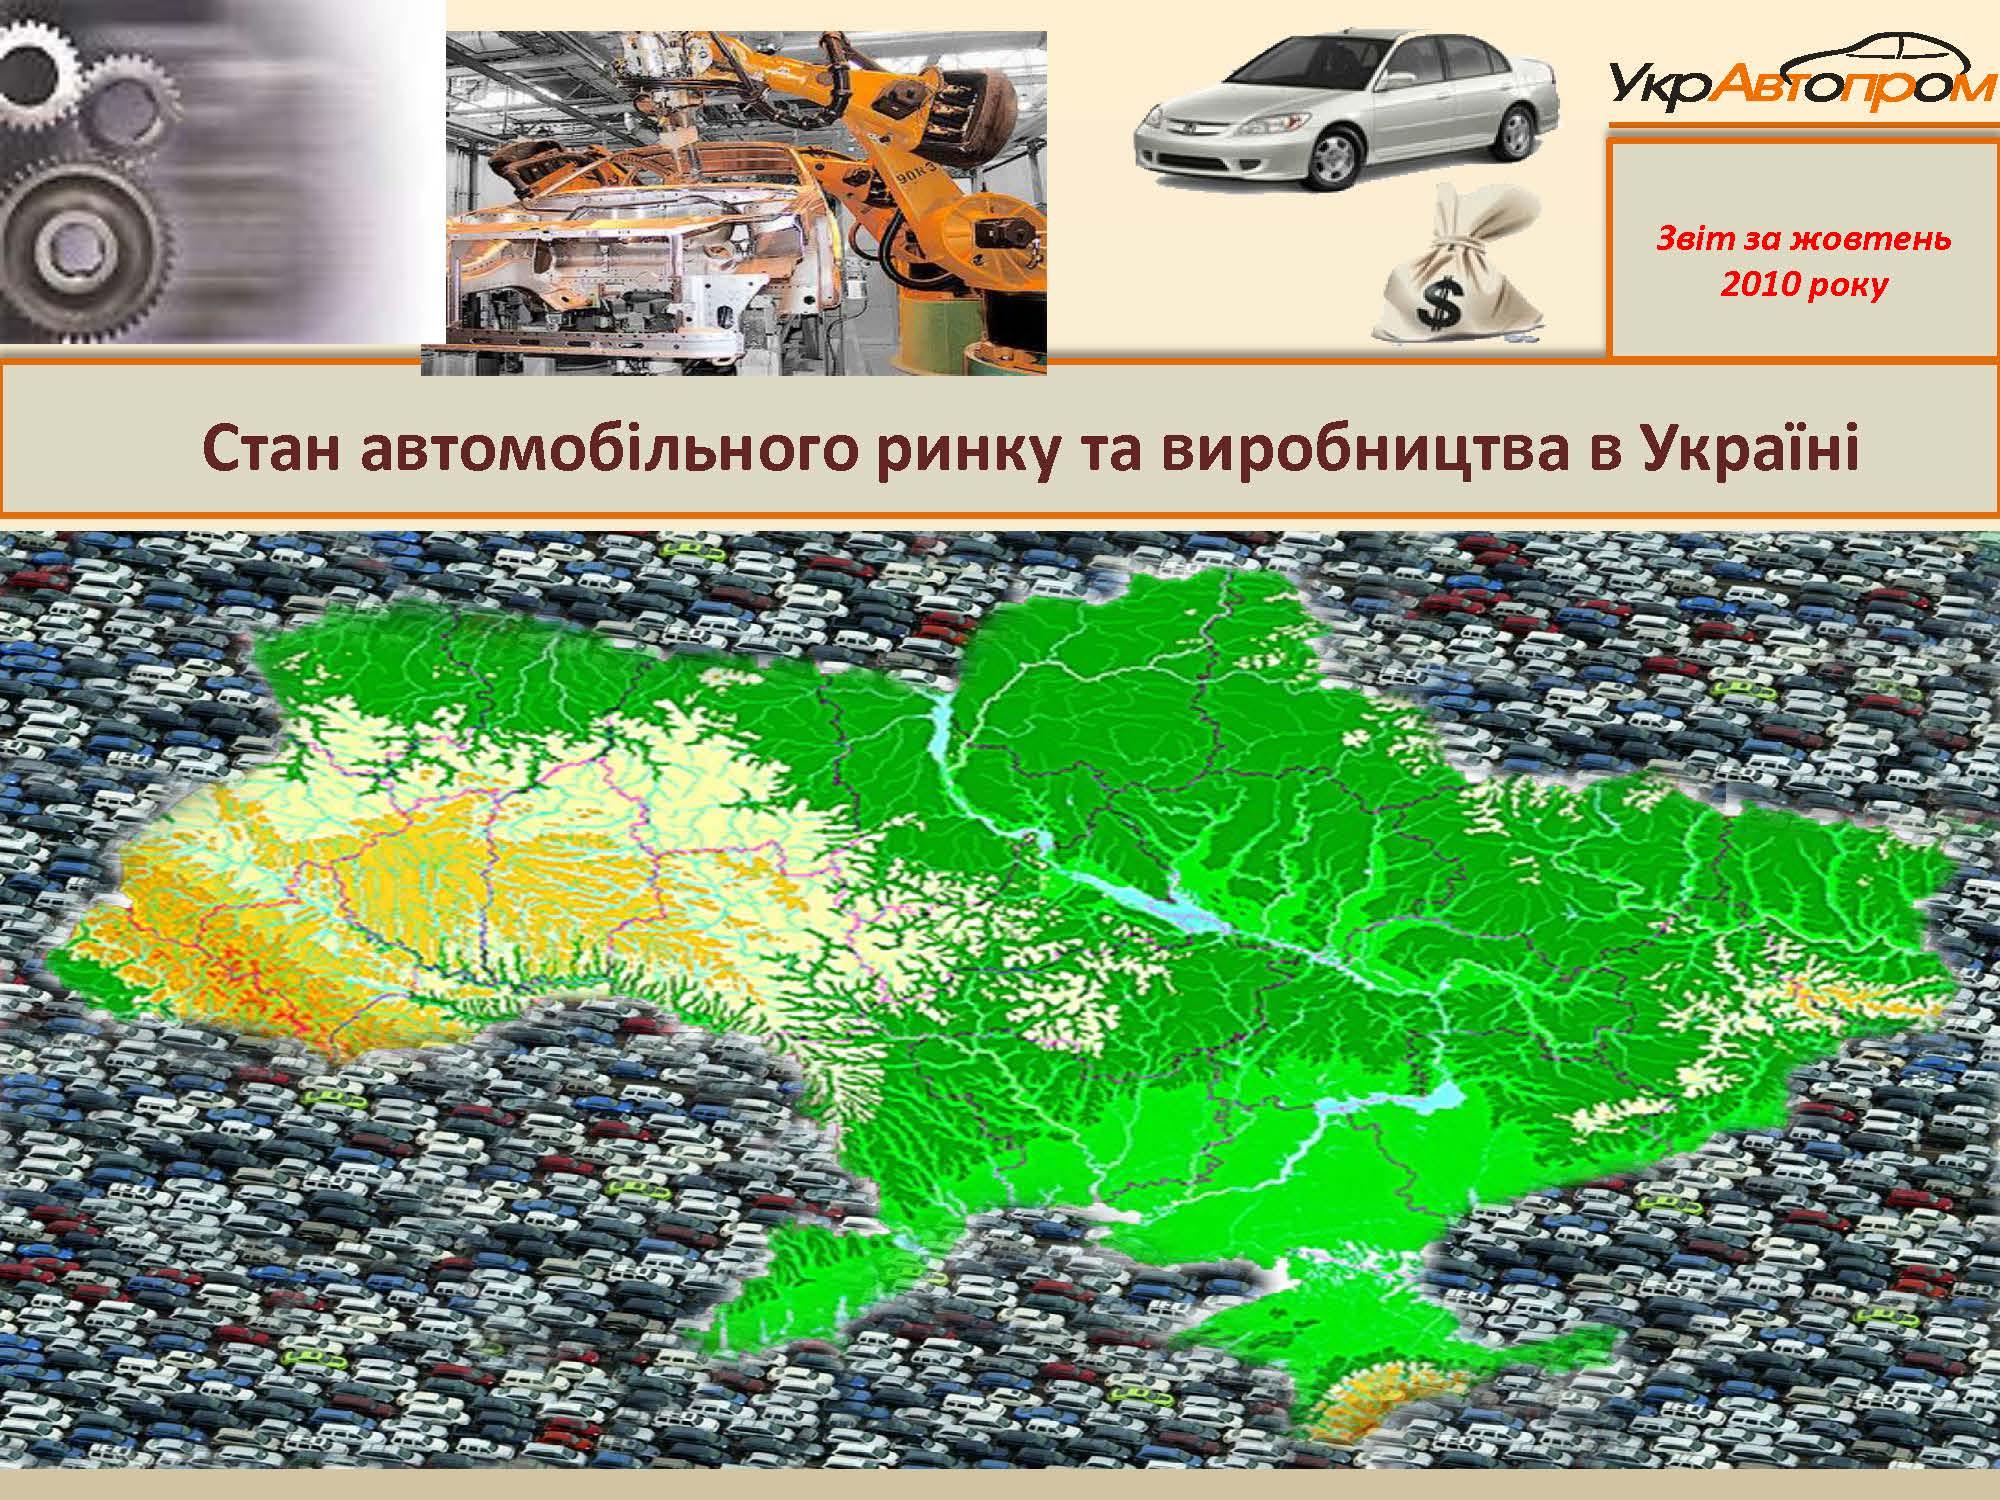 Photo of Состояние автомобильного рынка и производства в Украине. Октябрь 2010 года